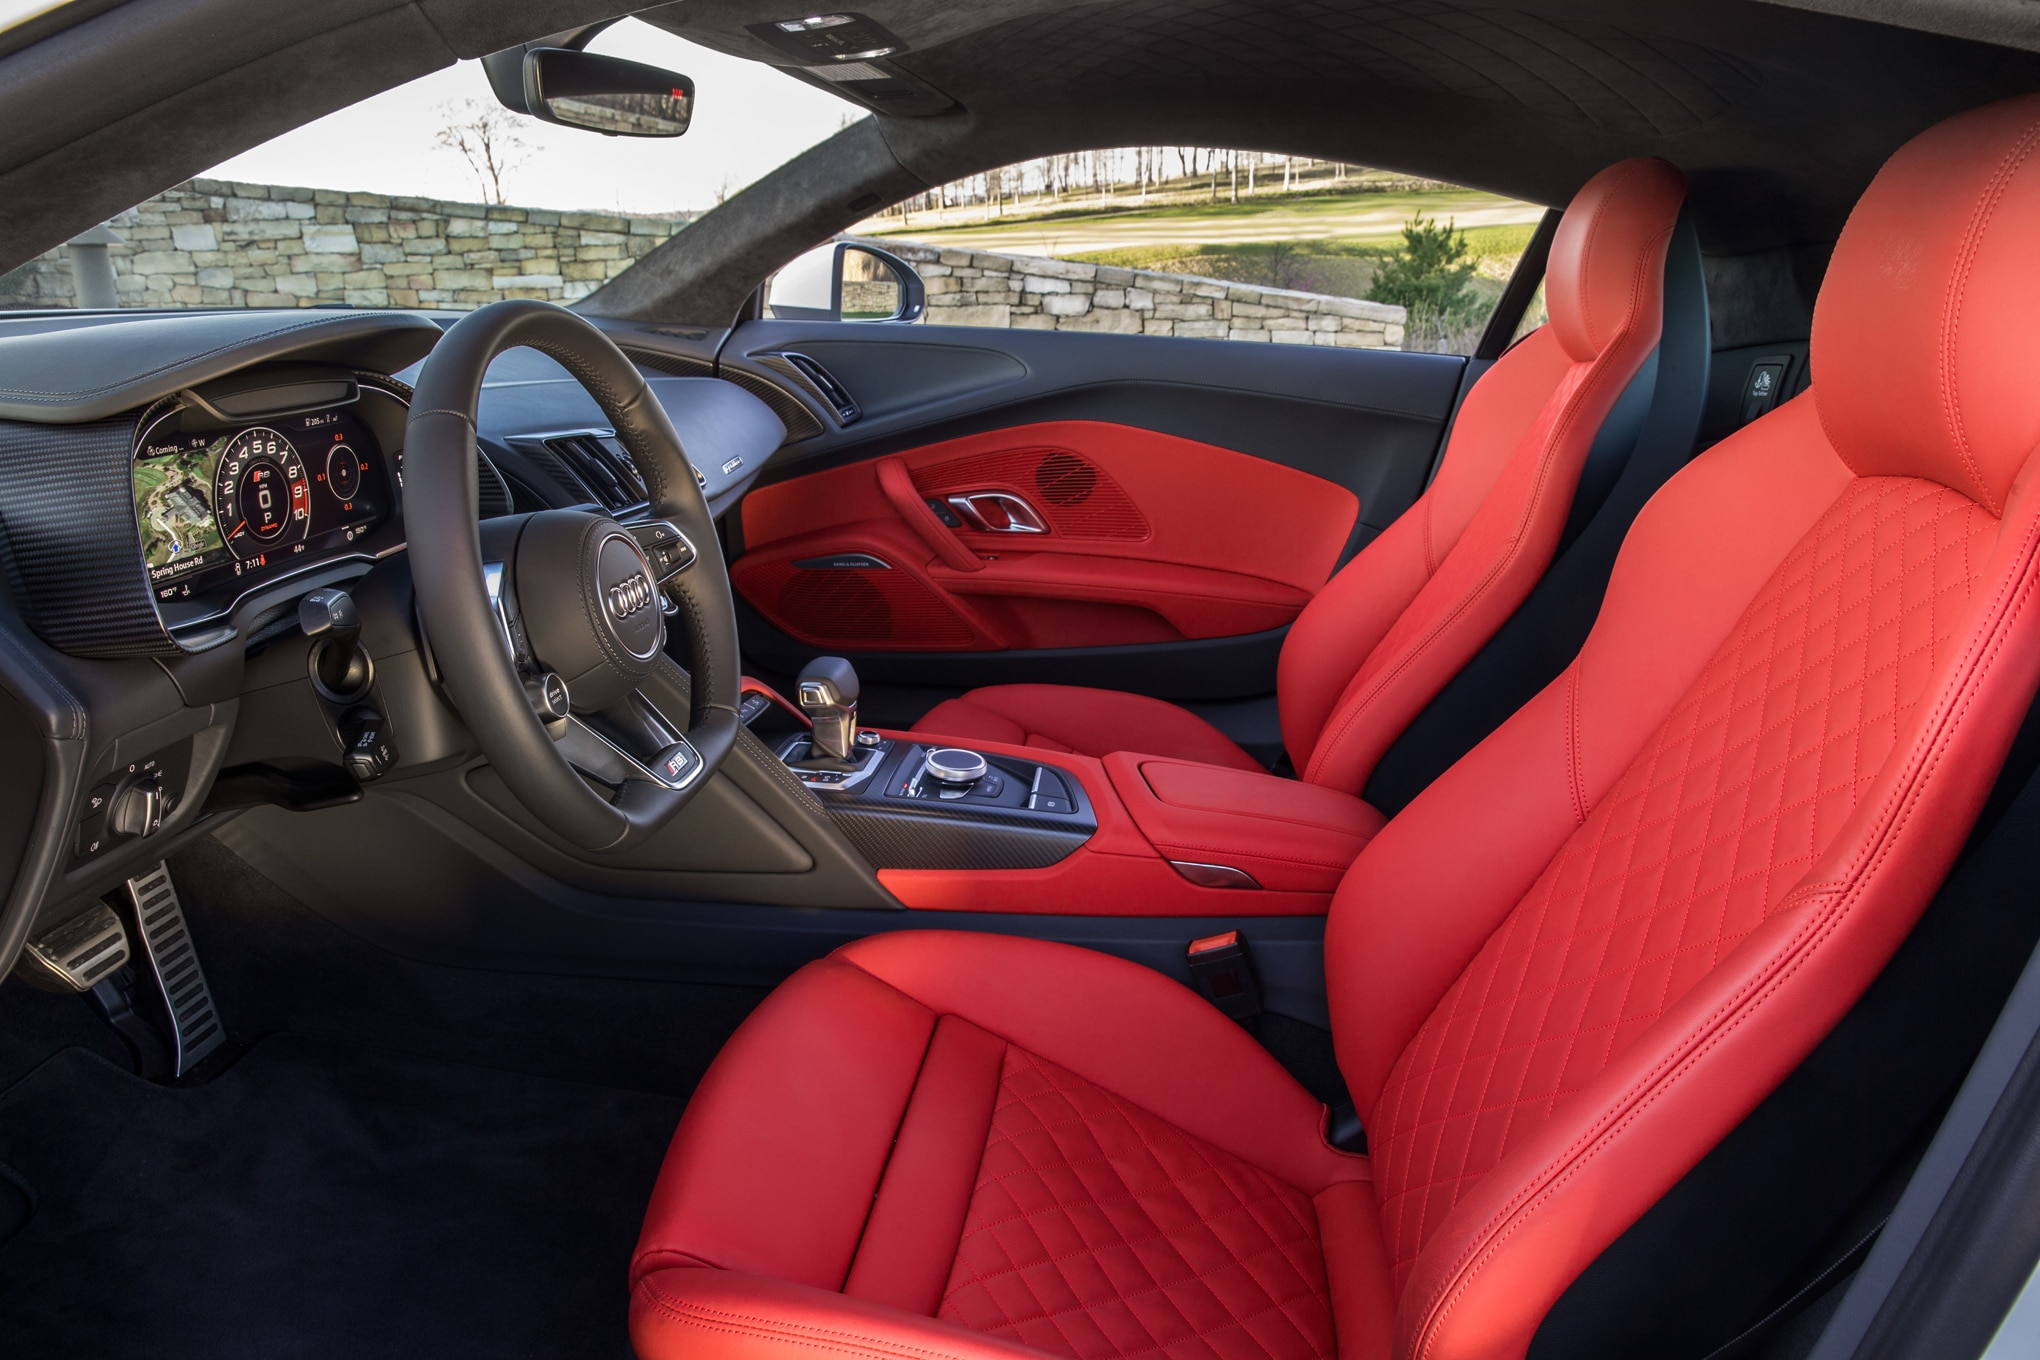 2015 audi r8 interior. but 2015 audi r8 interior